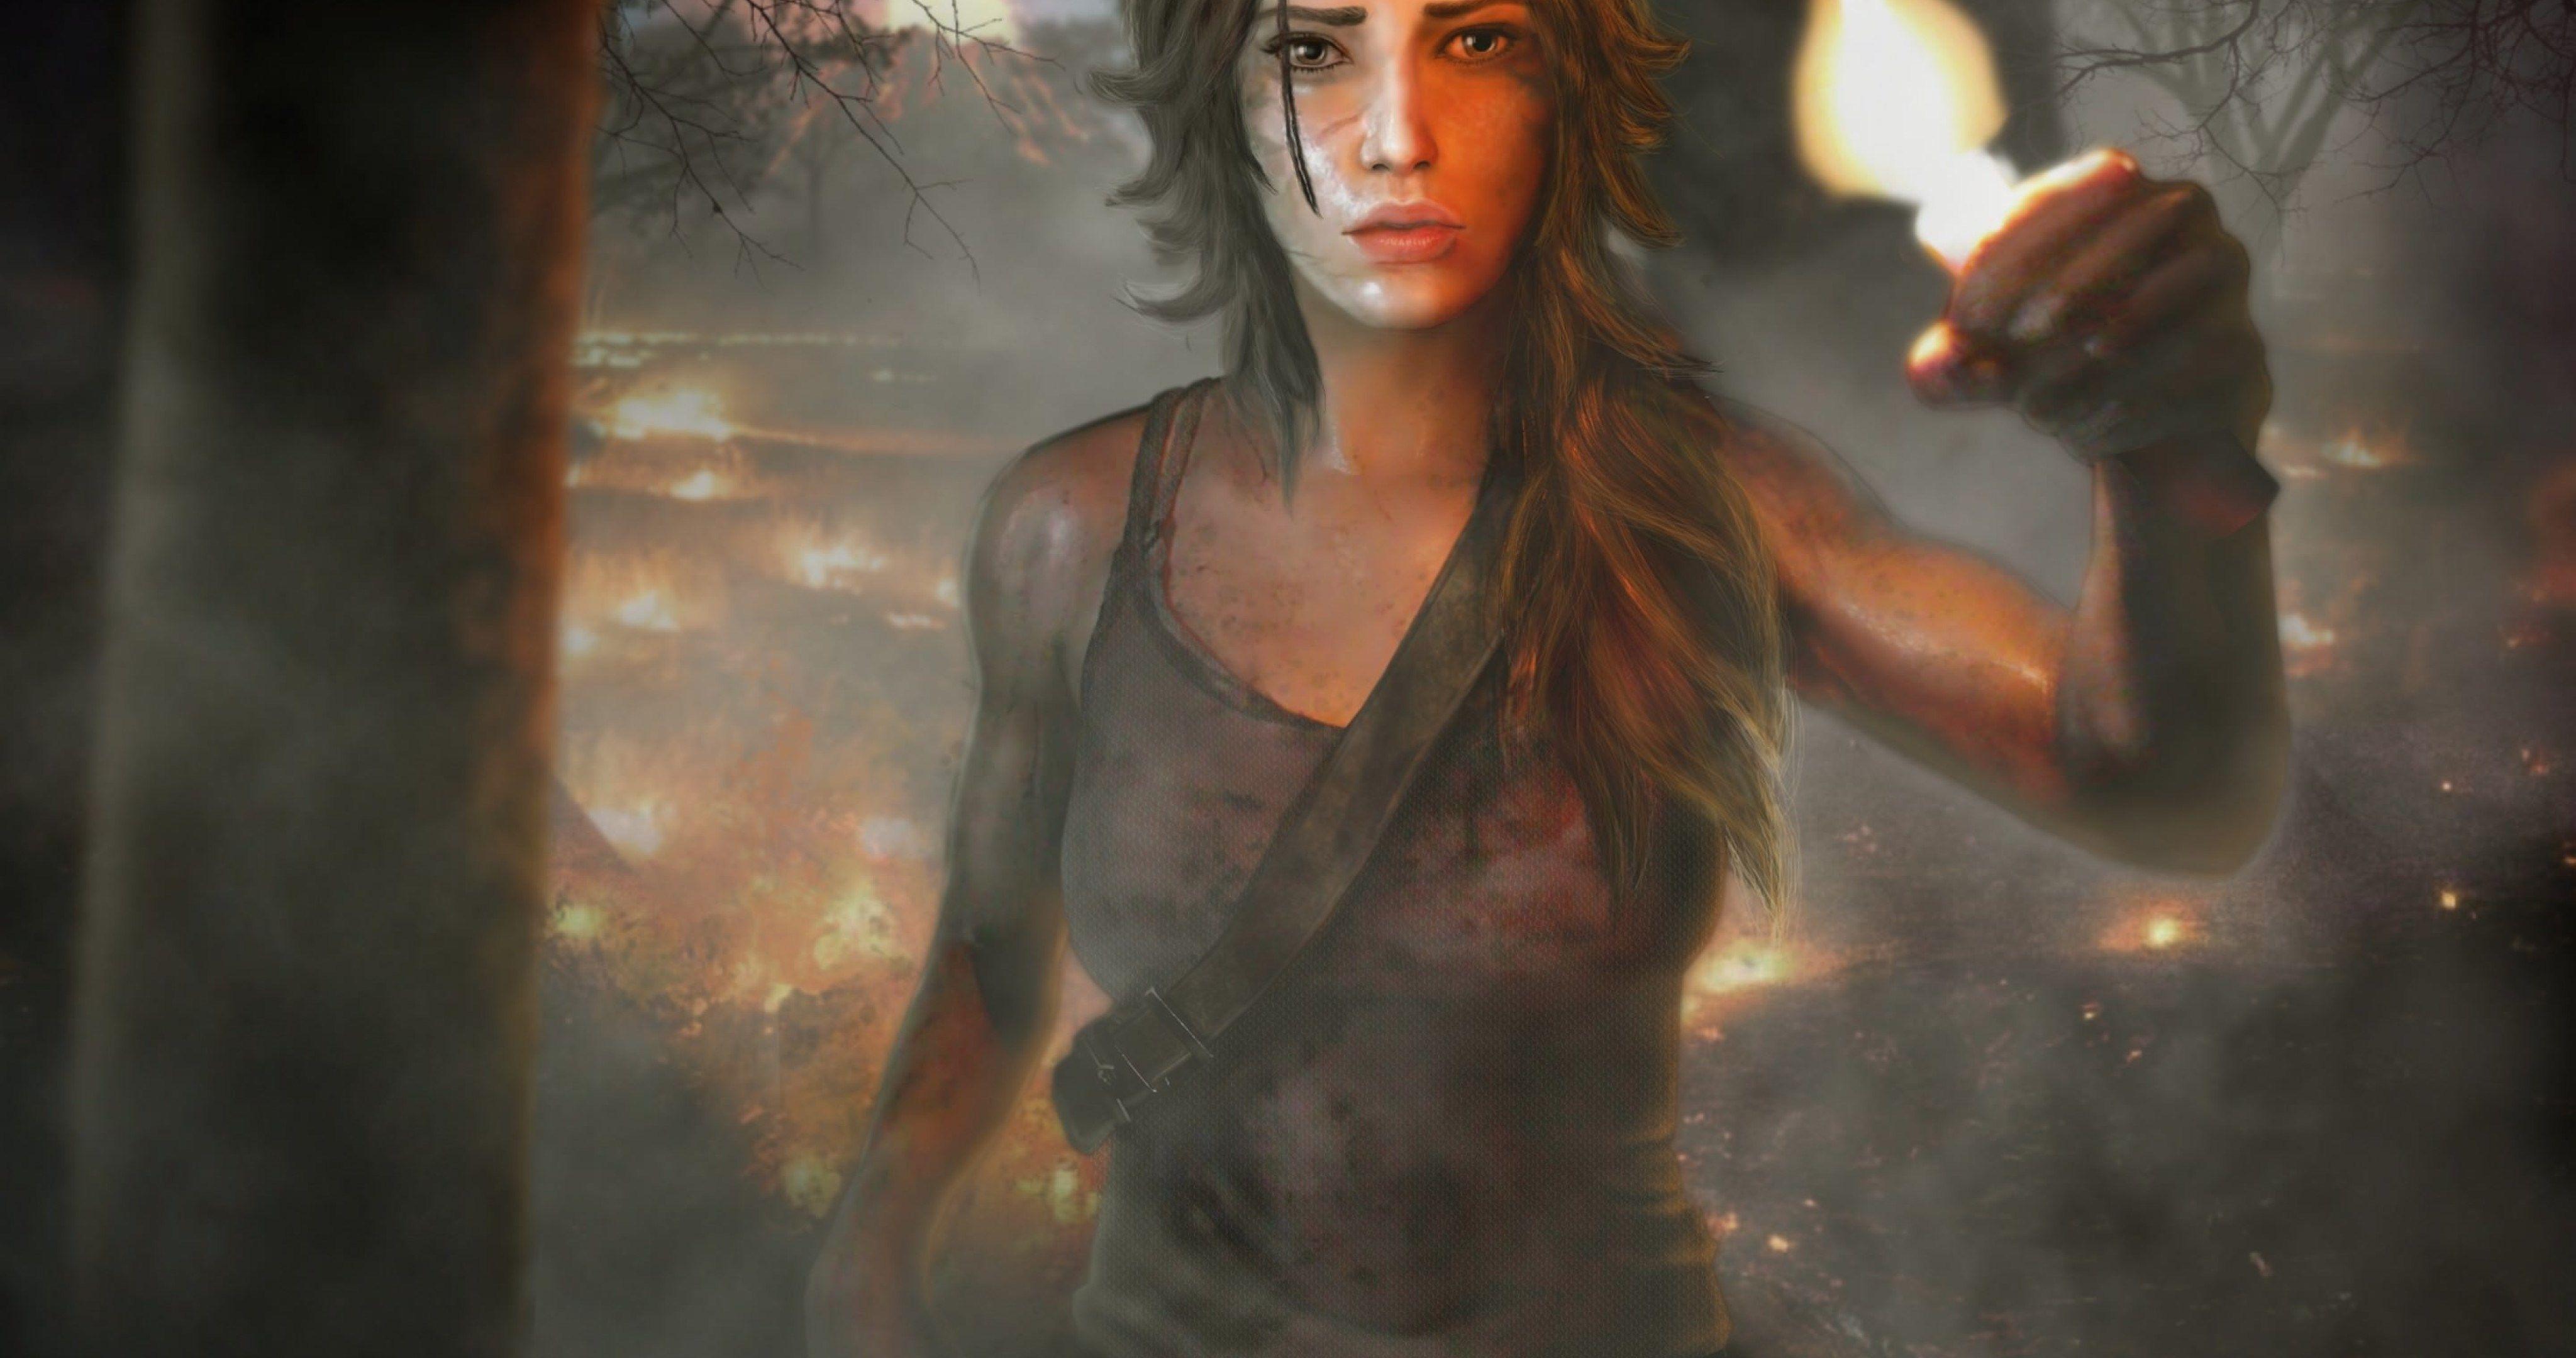 Tomb Raider Wallpaper 4k Ultra Hd Wallpaper Tomb Raider Wallpaper Tomb Raider Art Tomb Raider 2013